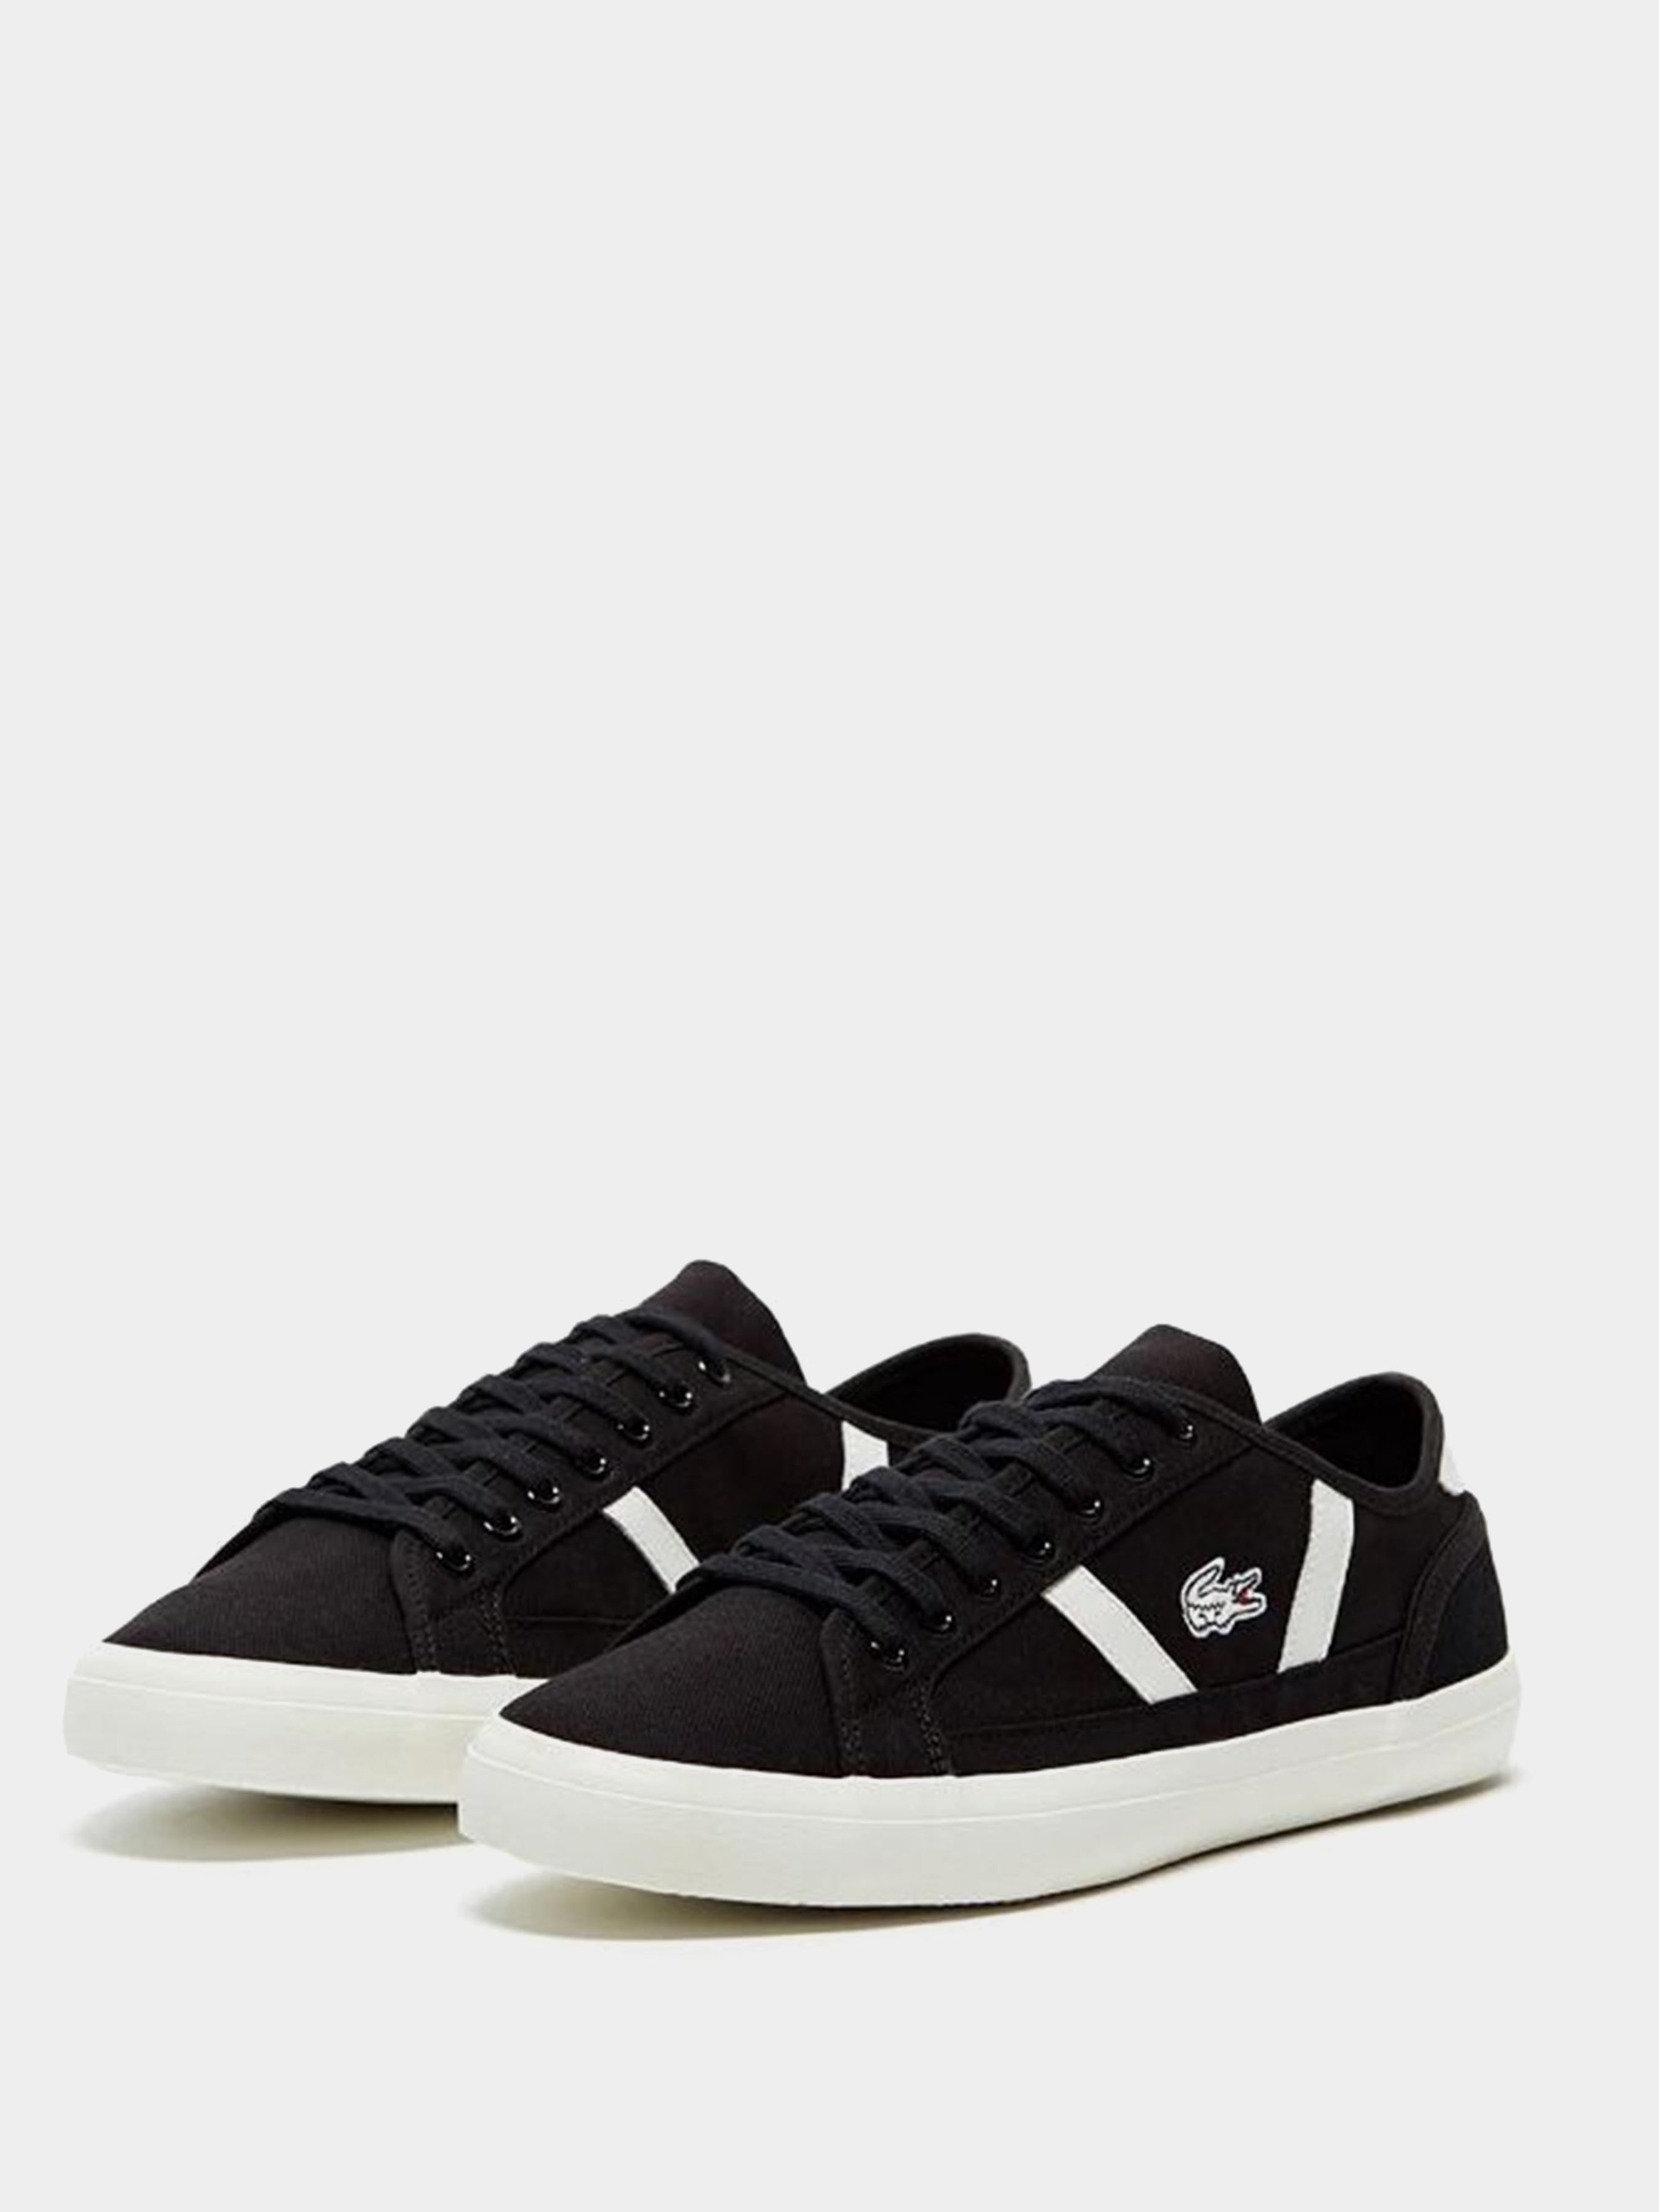 Кеды для мужчин Lacoste LK184 размерная сетка обуви, 2017